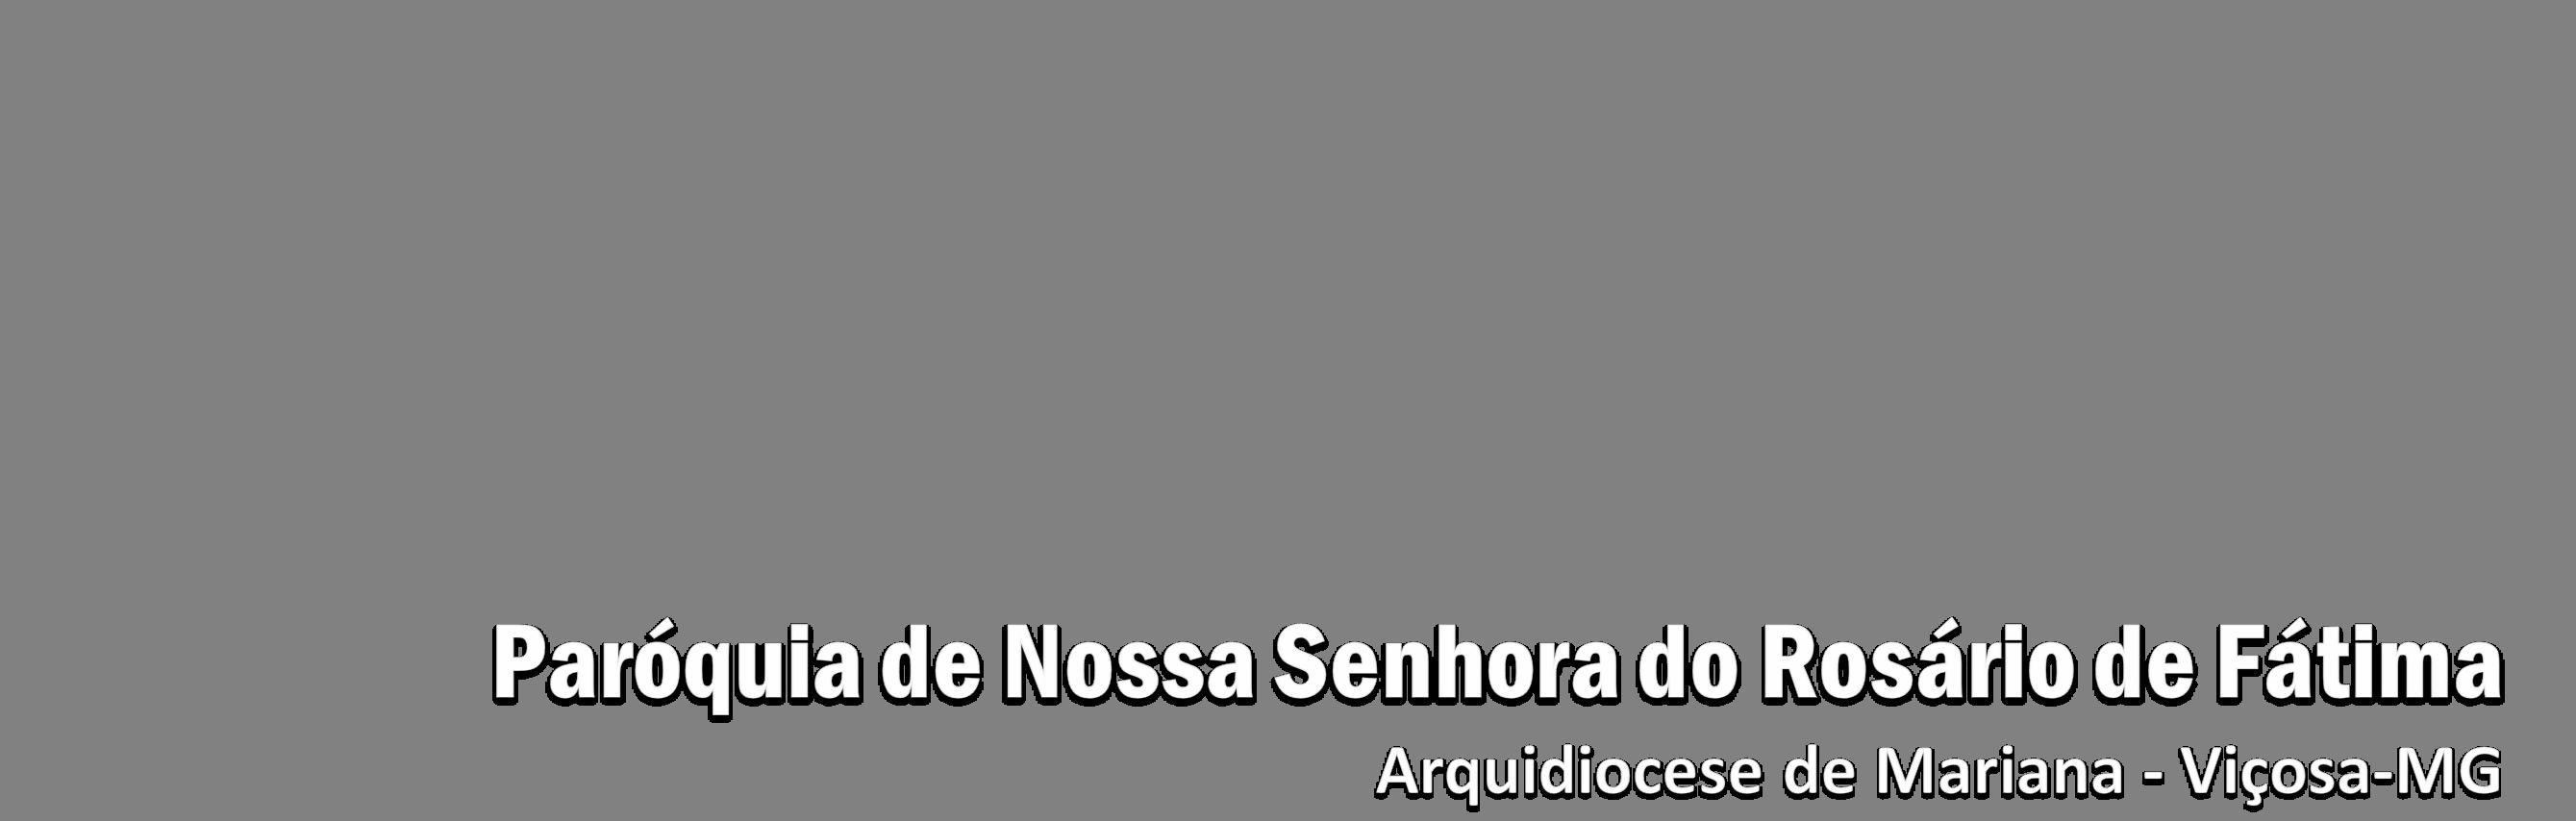 Paróquia Nossa Senhora do Rosário de Fátima   Arquidiocese de Mariana - Viçosa - MG Logo